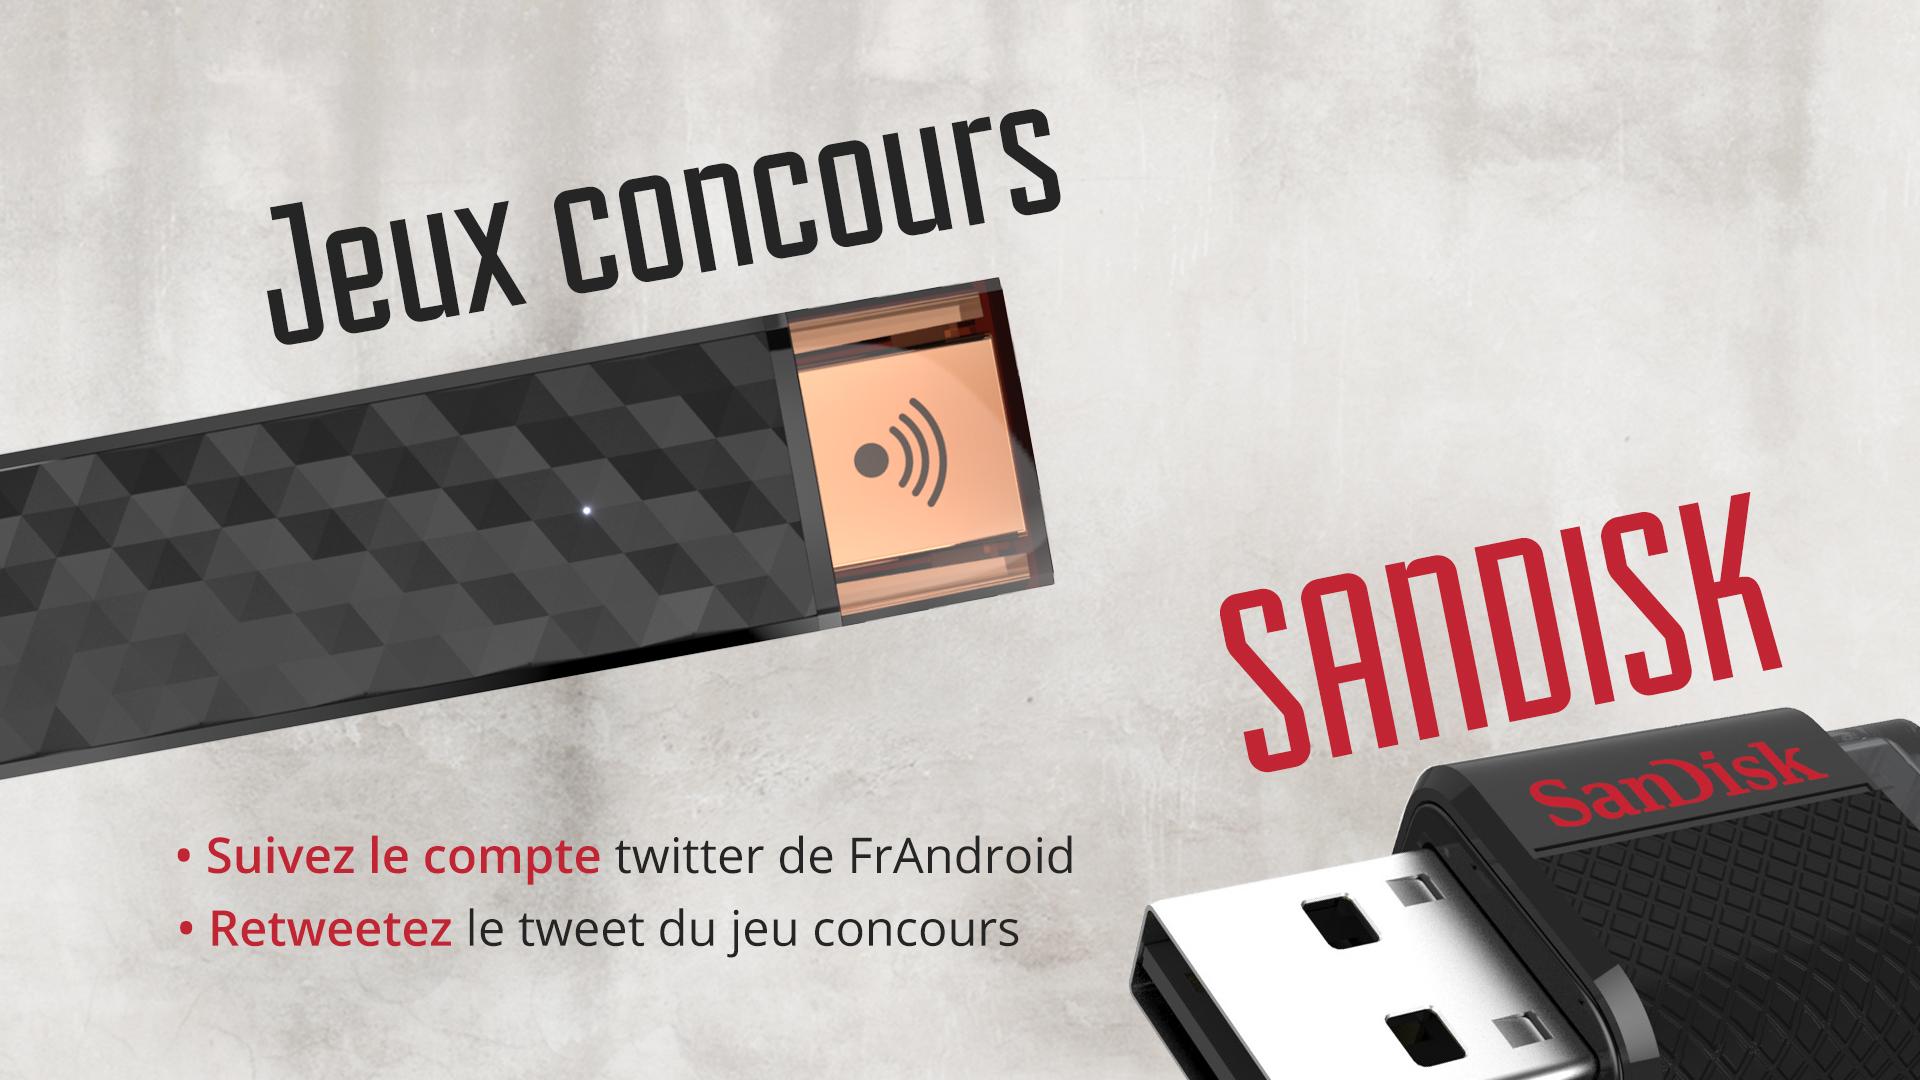 Jeu-concours : Gagnez des accessoires SanDisk pour ne plus avoir de problèmes de stockage